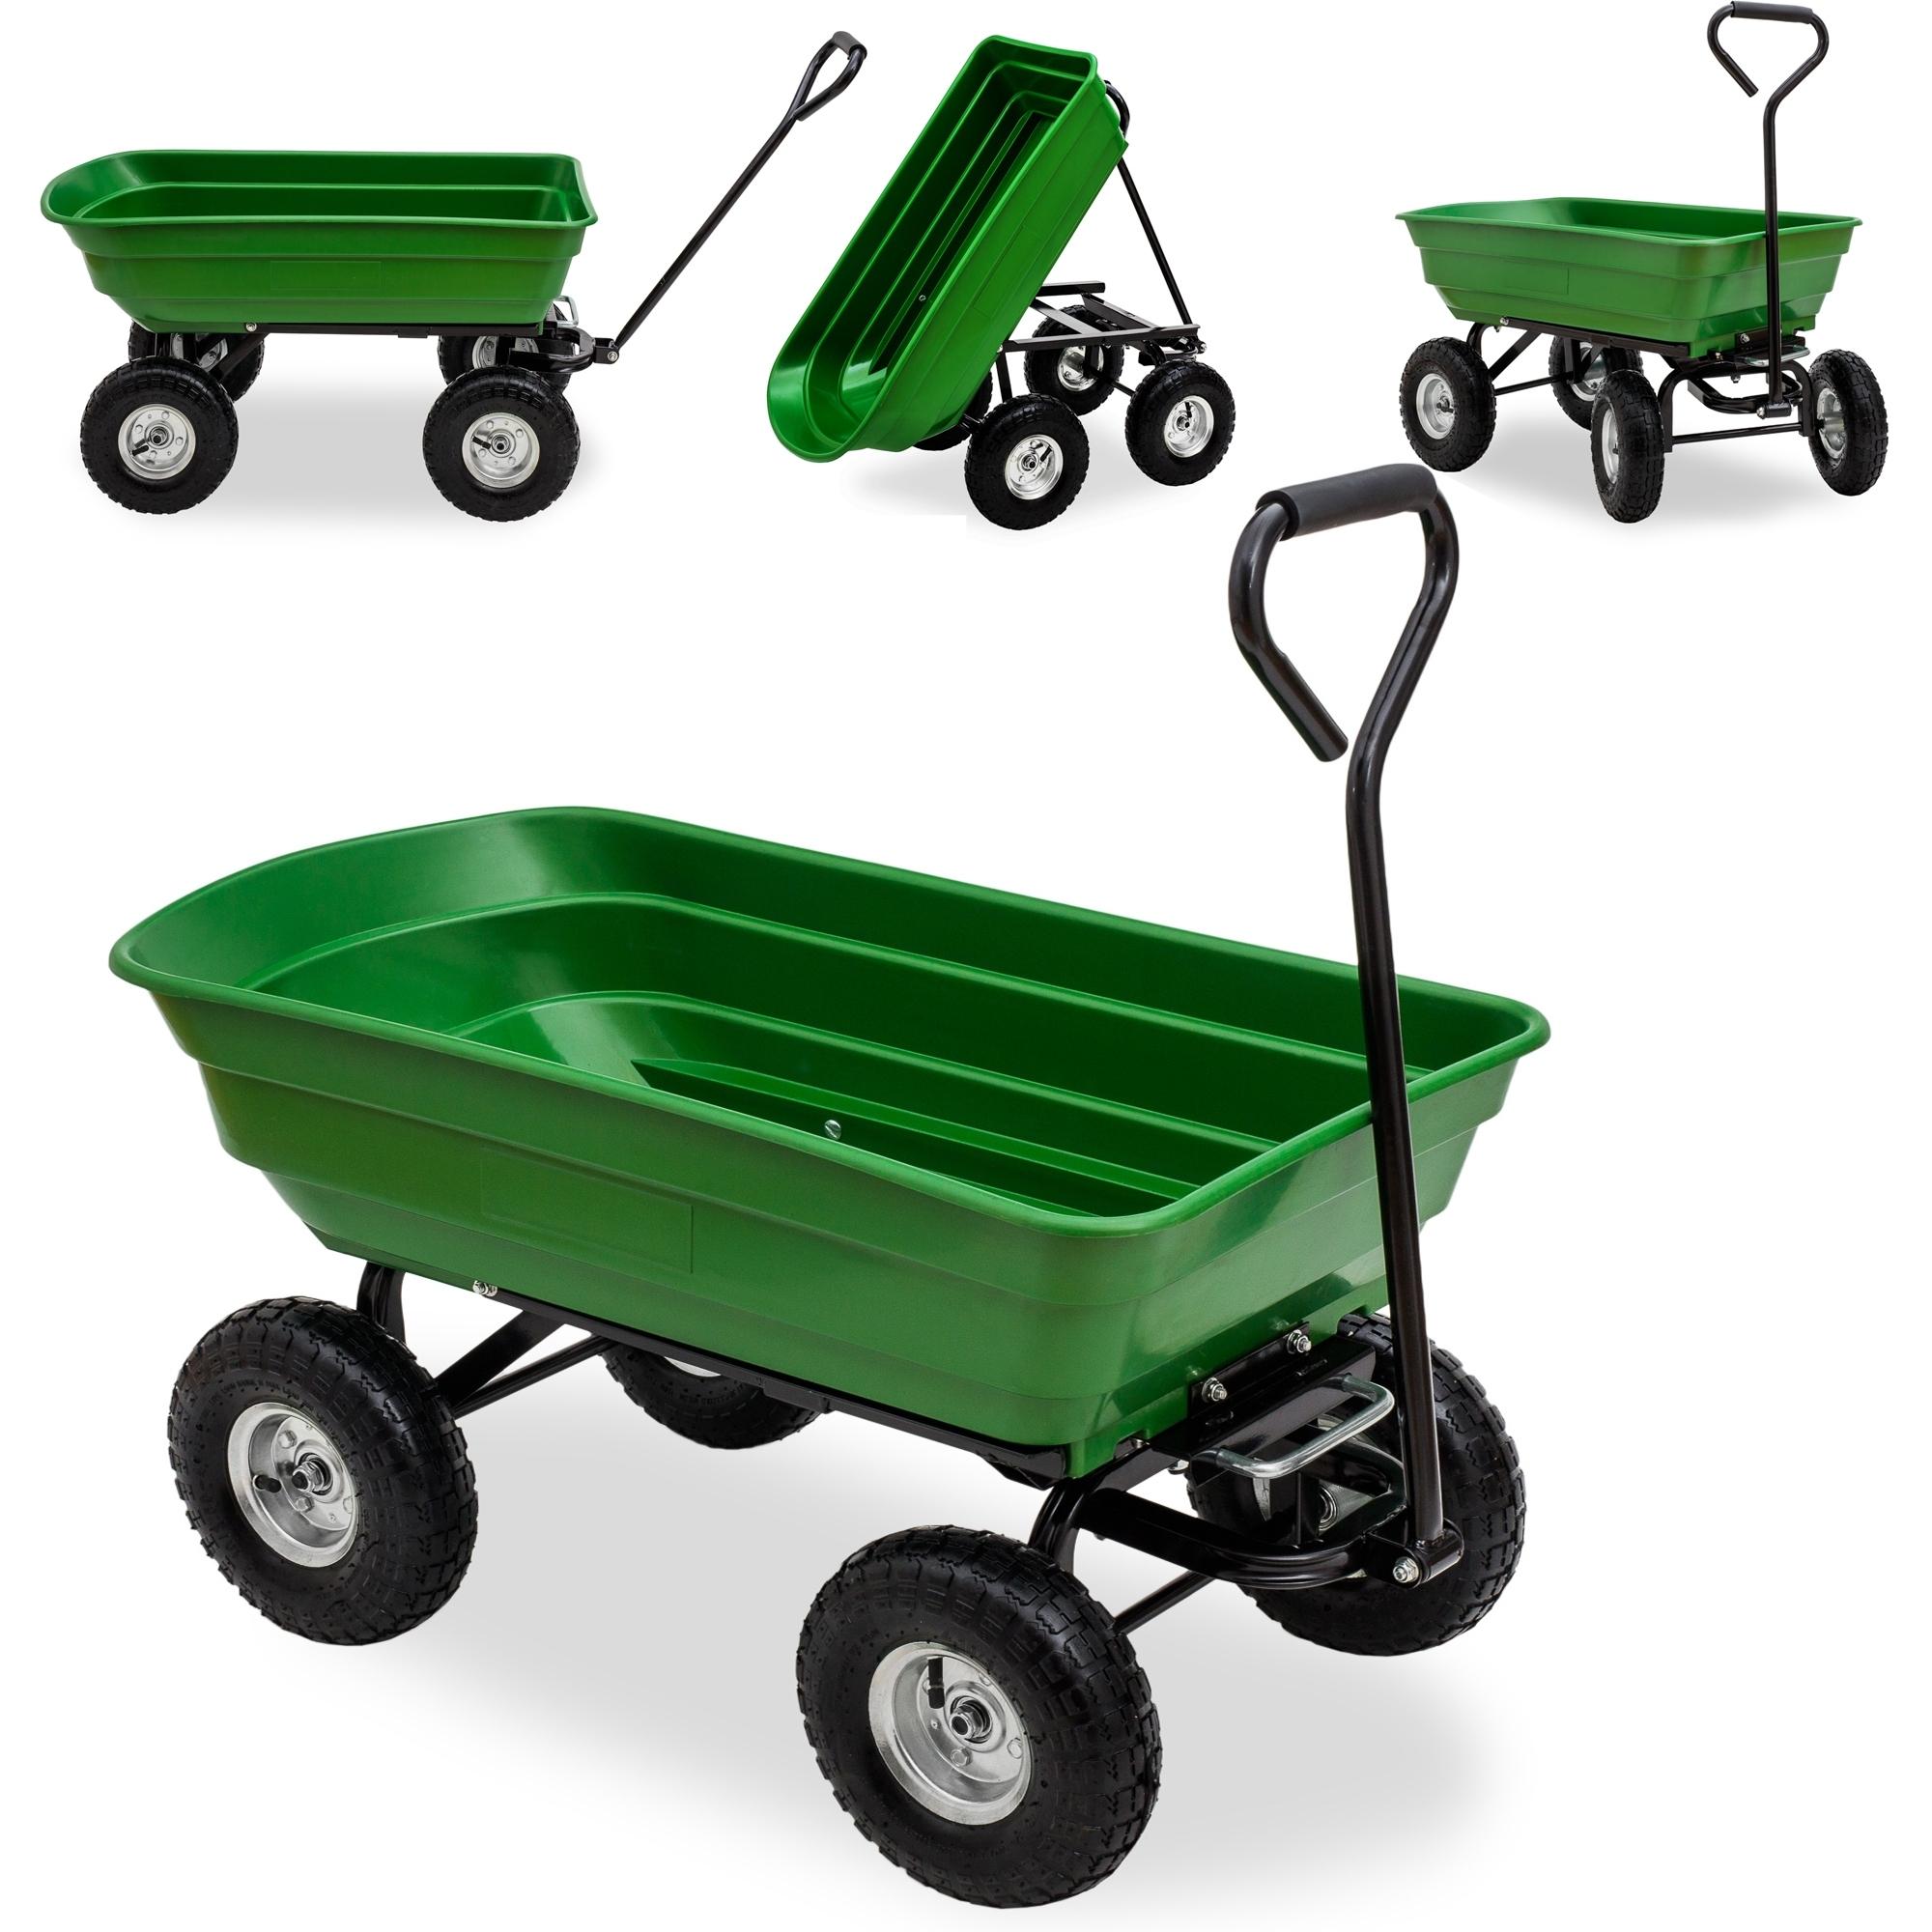 Jom Chariot Benne À Bascule De Jardin Chariot À Main Charette De  Basculement 75L/ 250 Kg serapportantà Chariot De Jardin 4 Roues